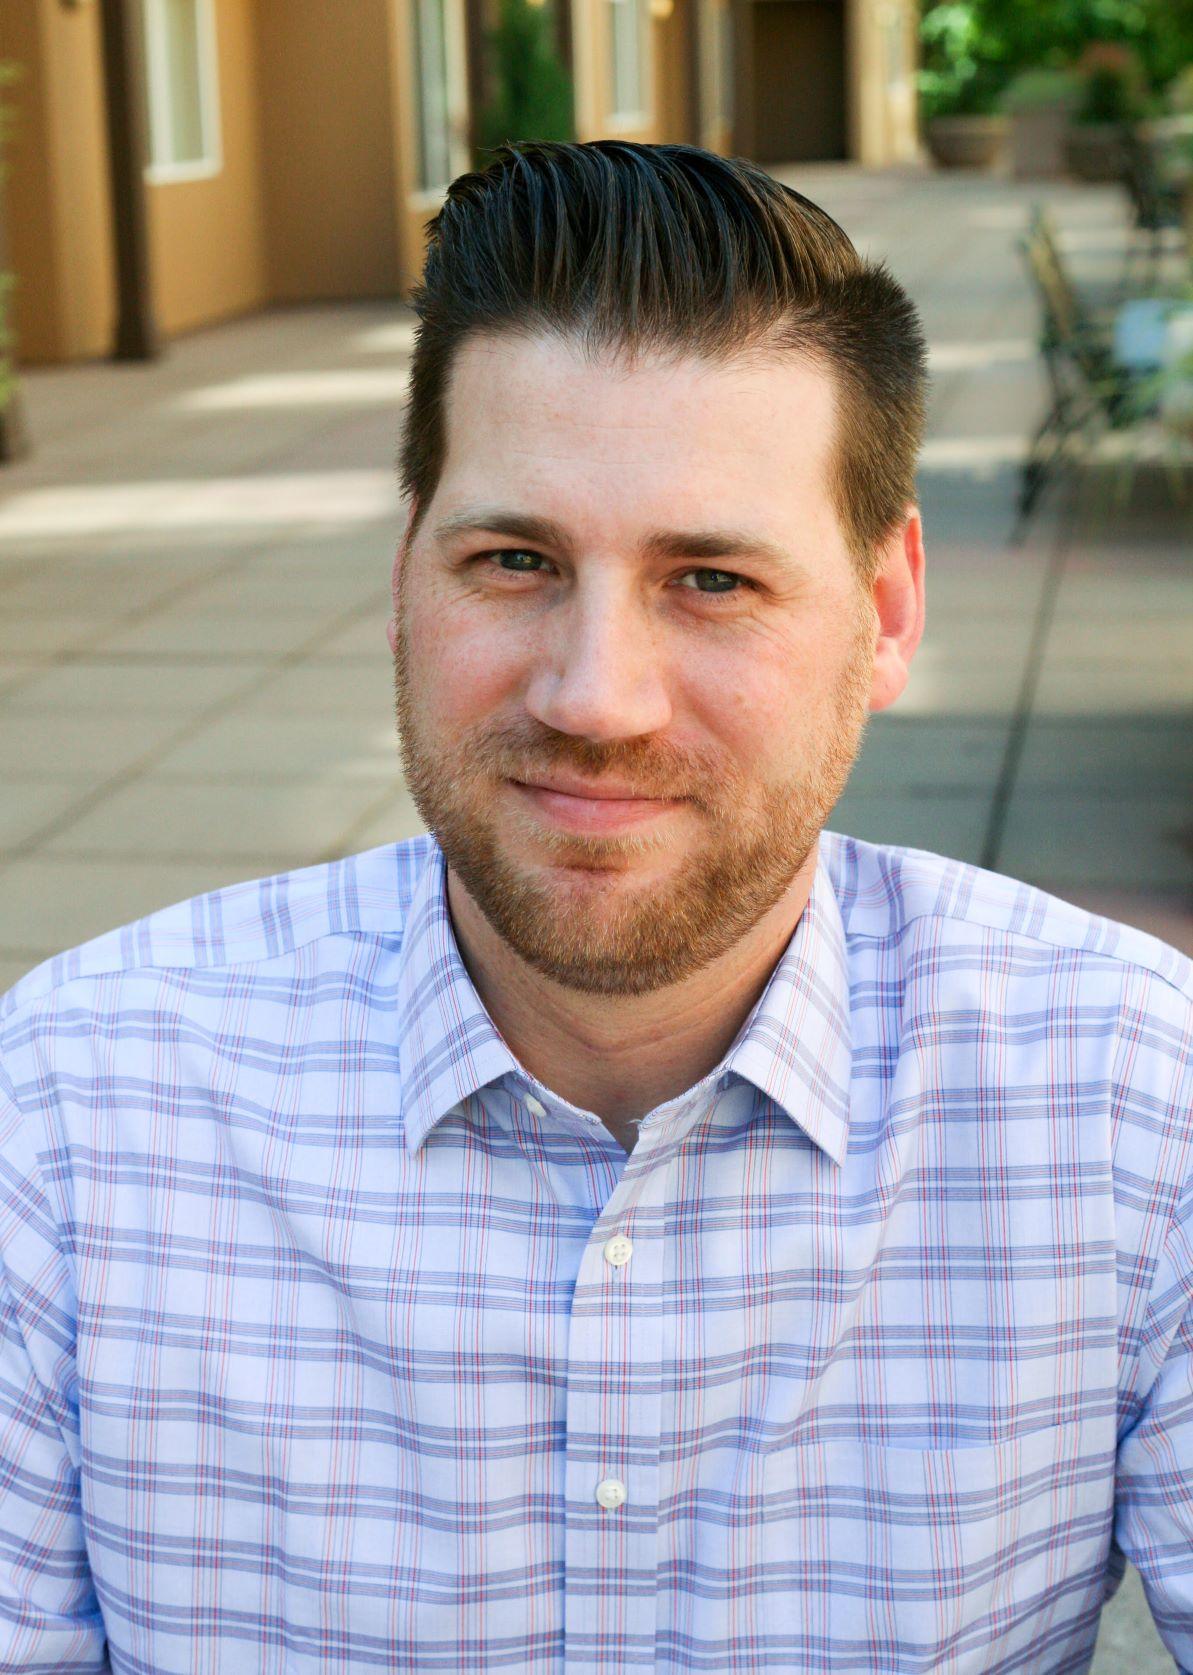 Greg Woodman